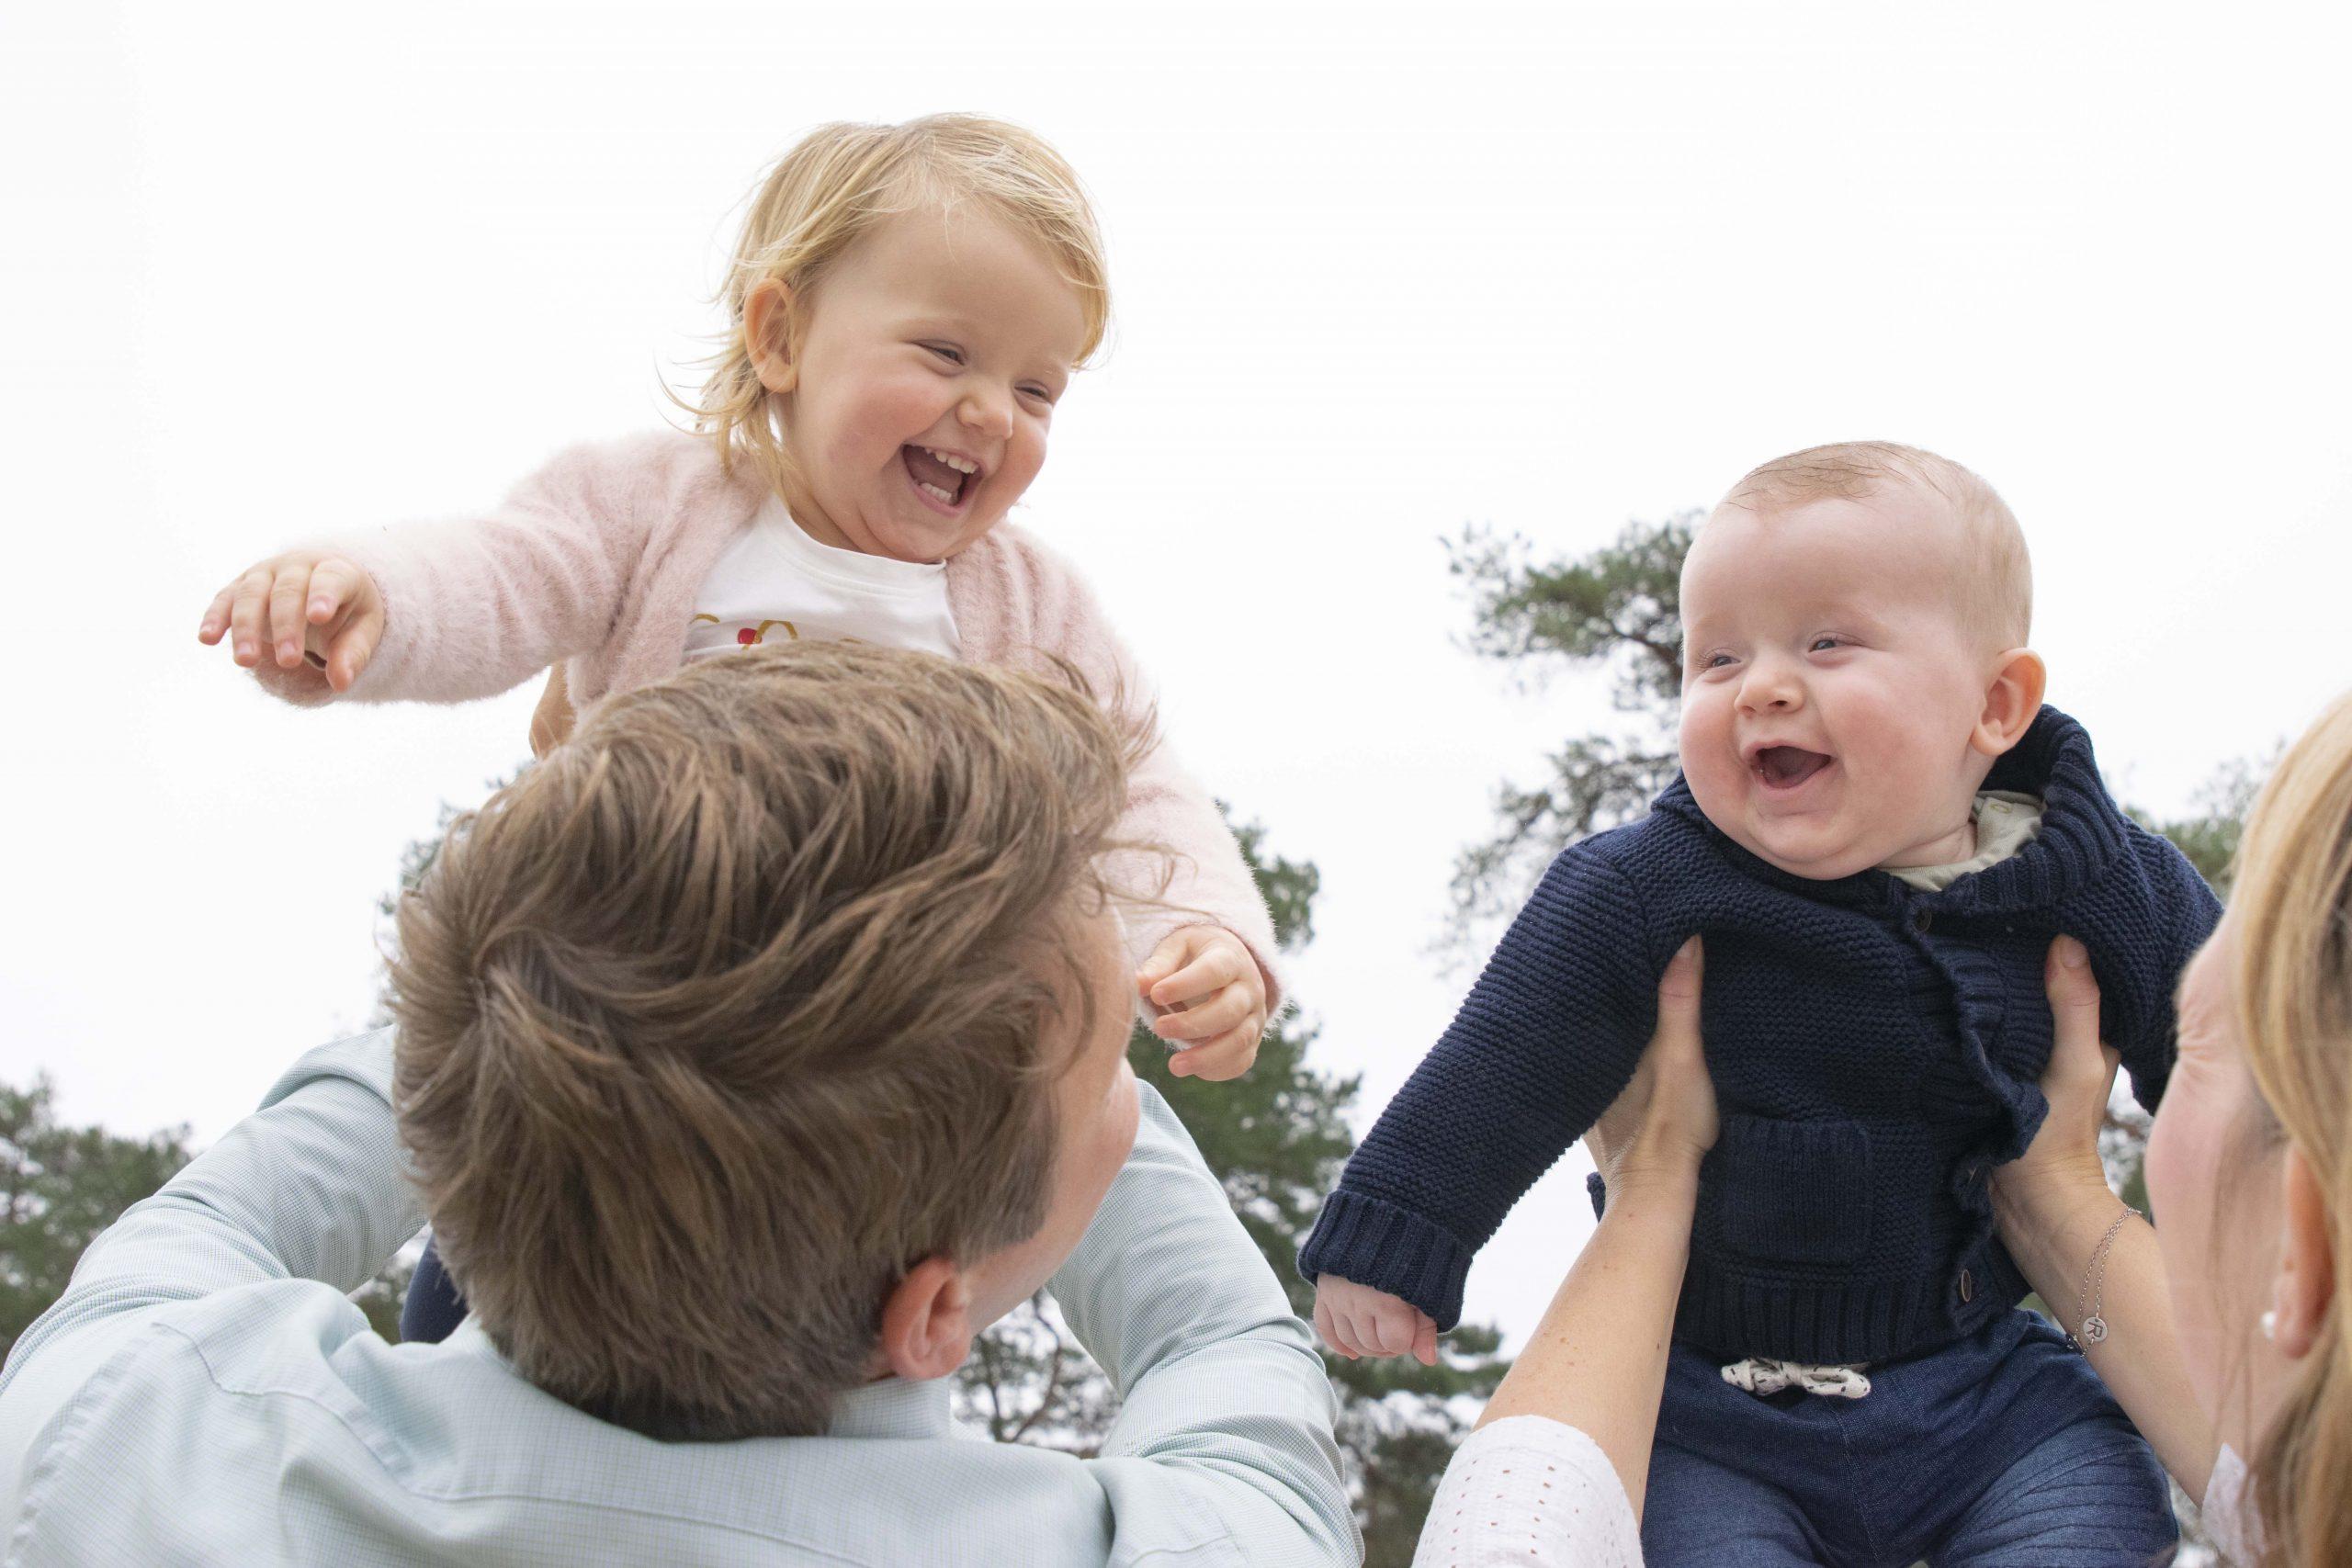 Gezinsfotograaf gezinsshoot Berkel en Rodenrijs Joyce Molenaar Fotografie